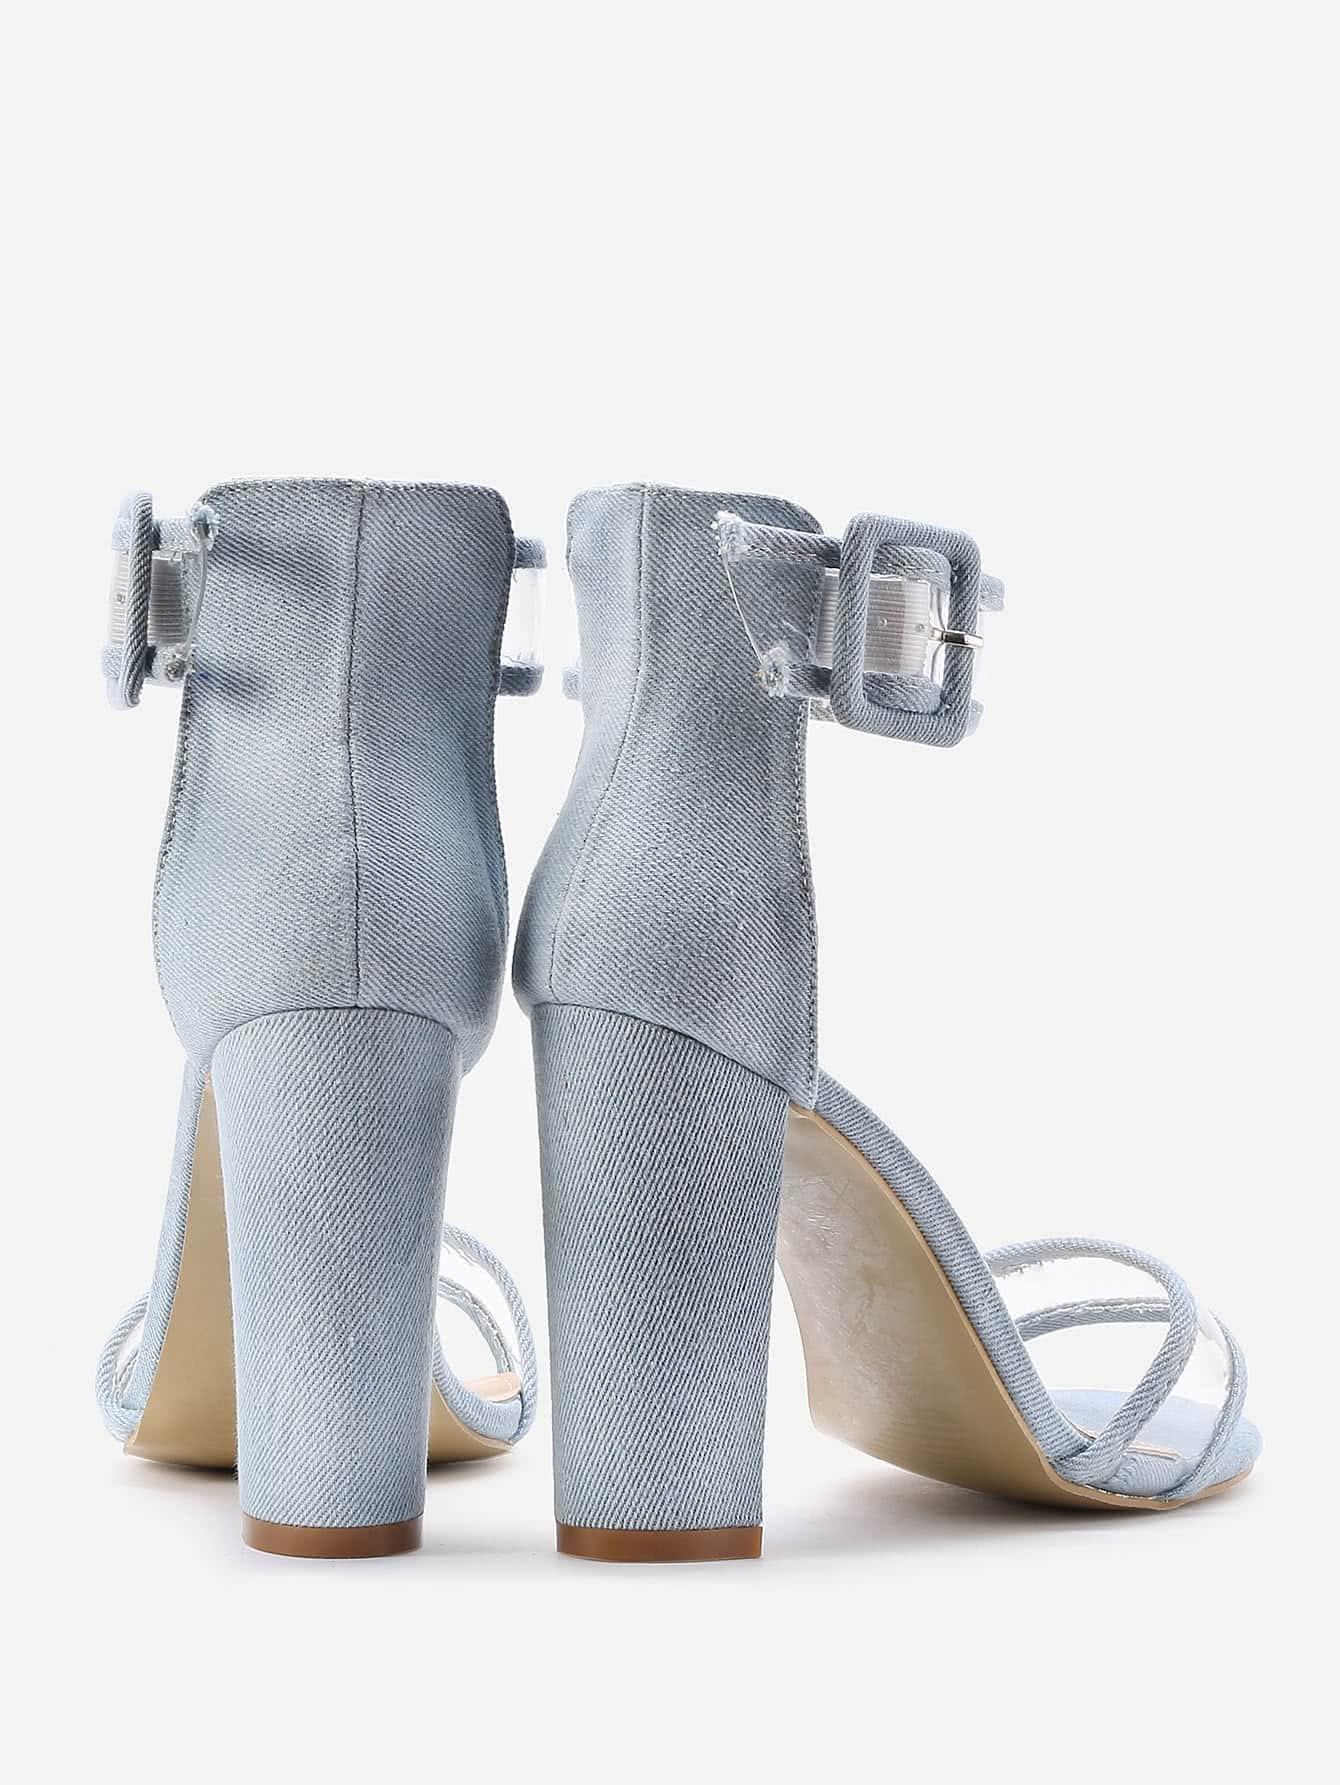 shoes170524804_2